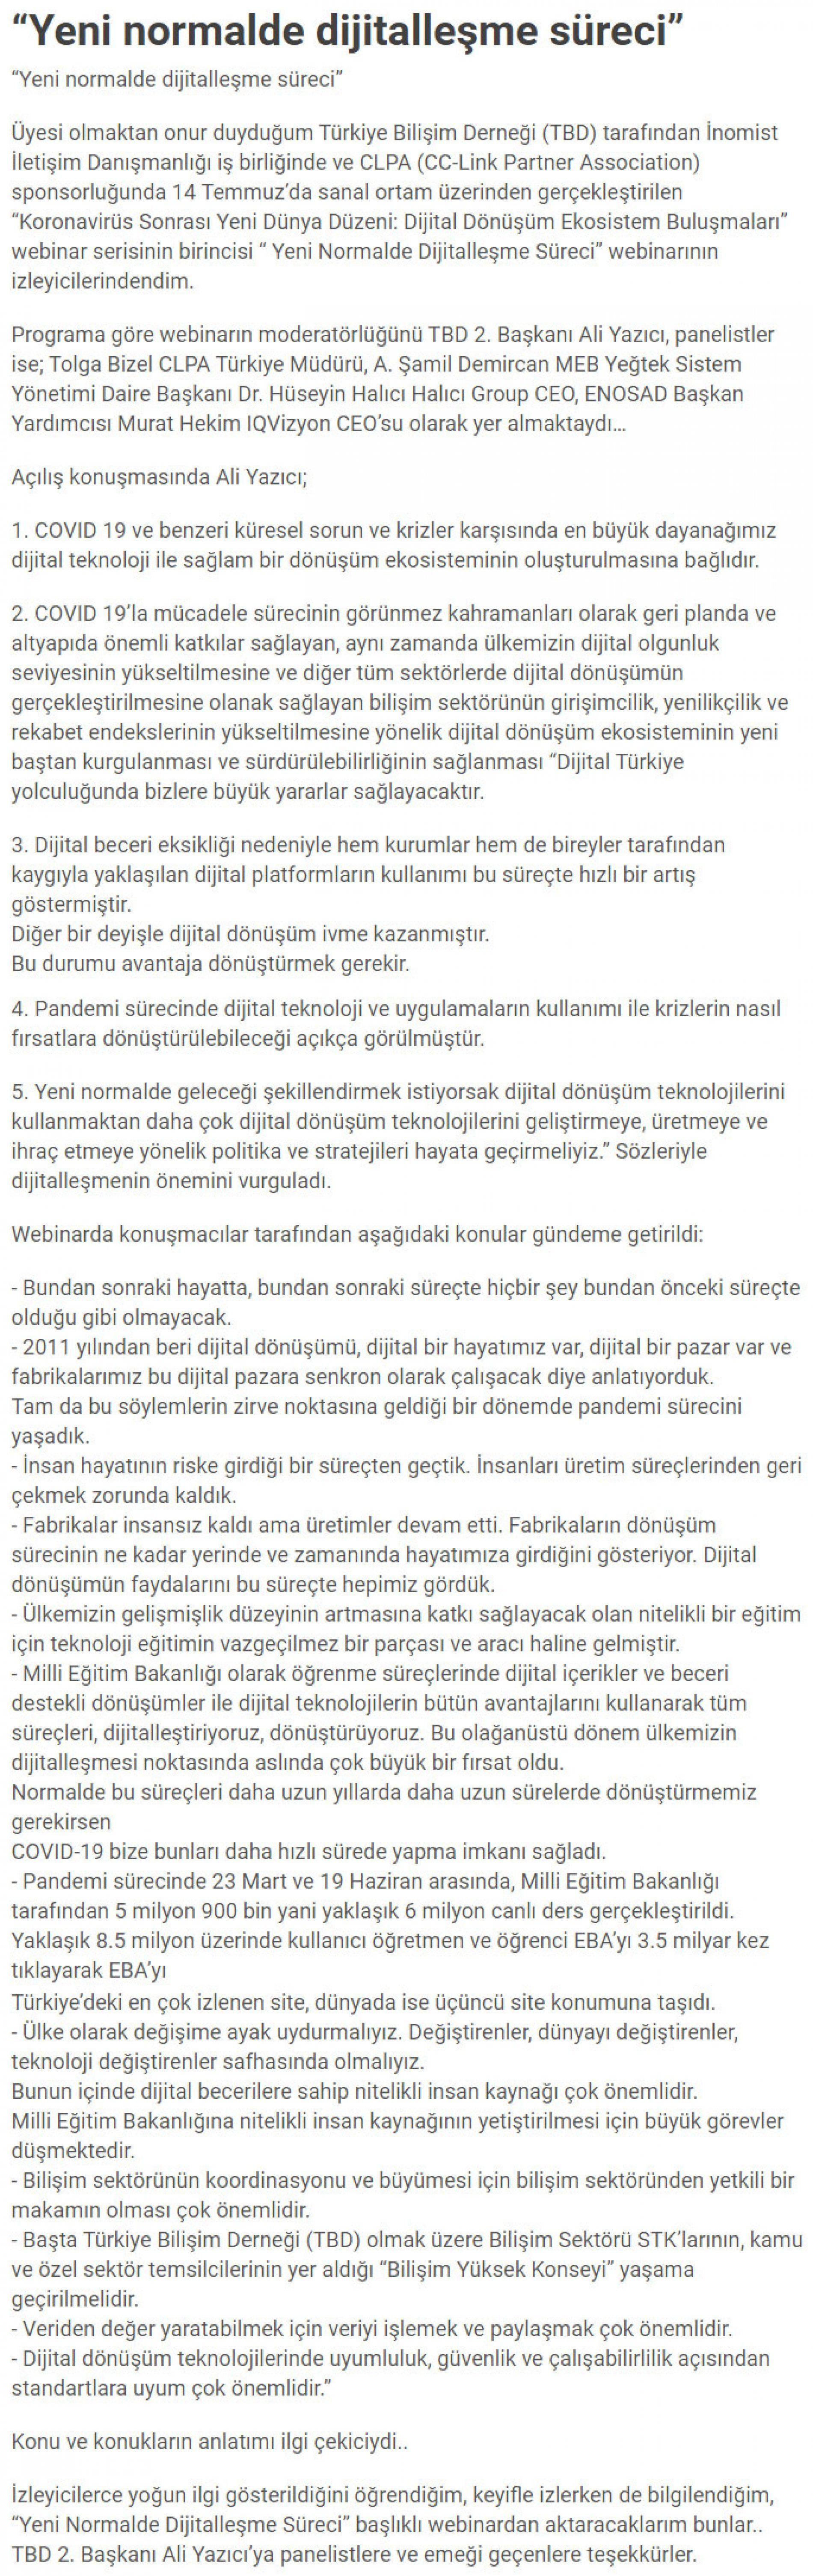 """""""Yeni Normalde Dijitalleşme Süreci"""" – DÜNYA"""